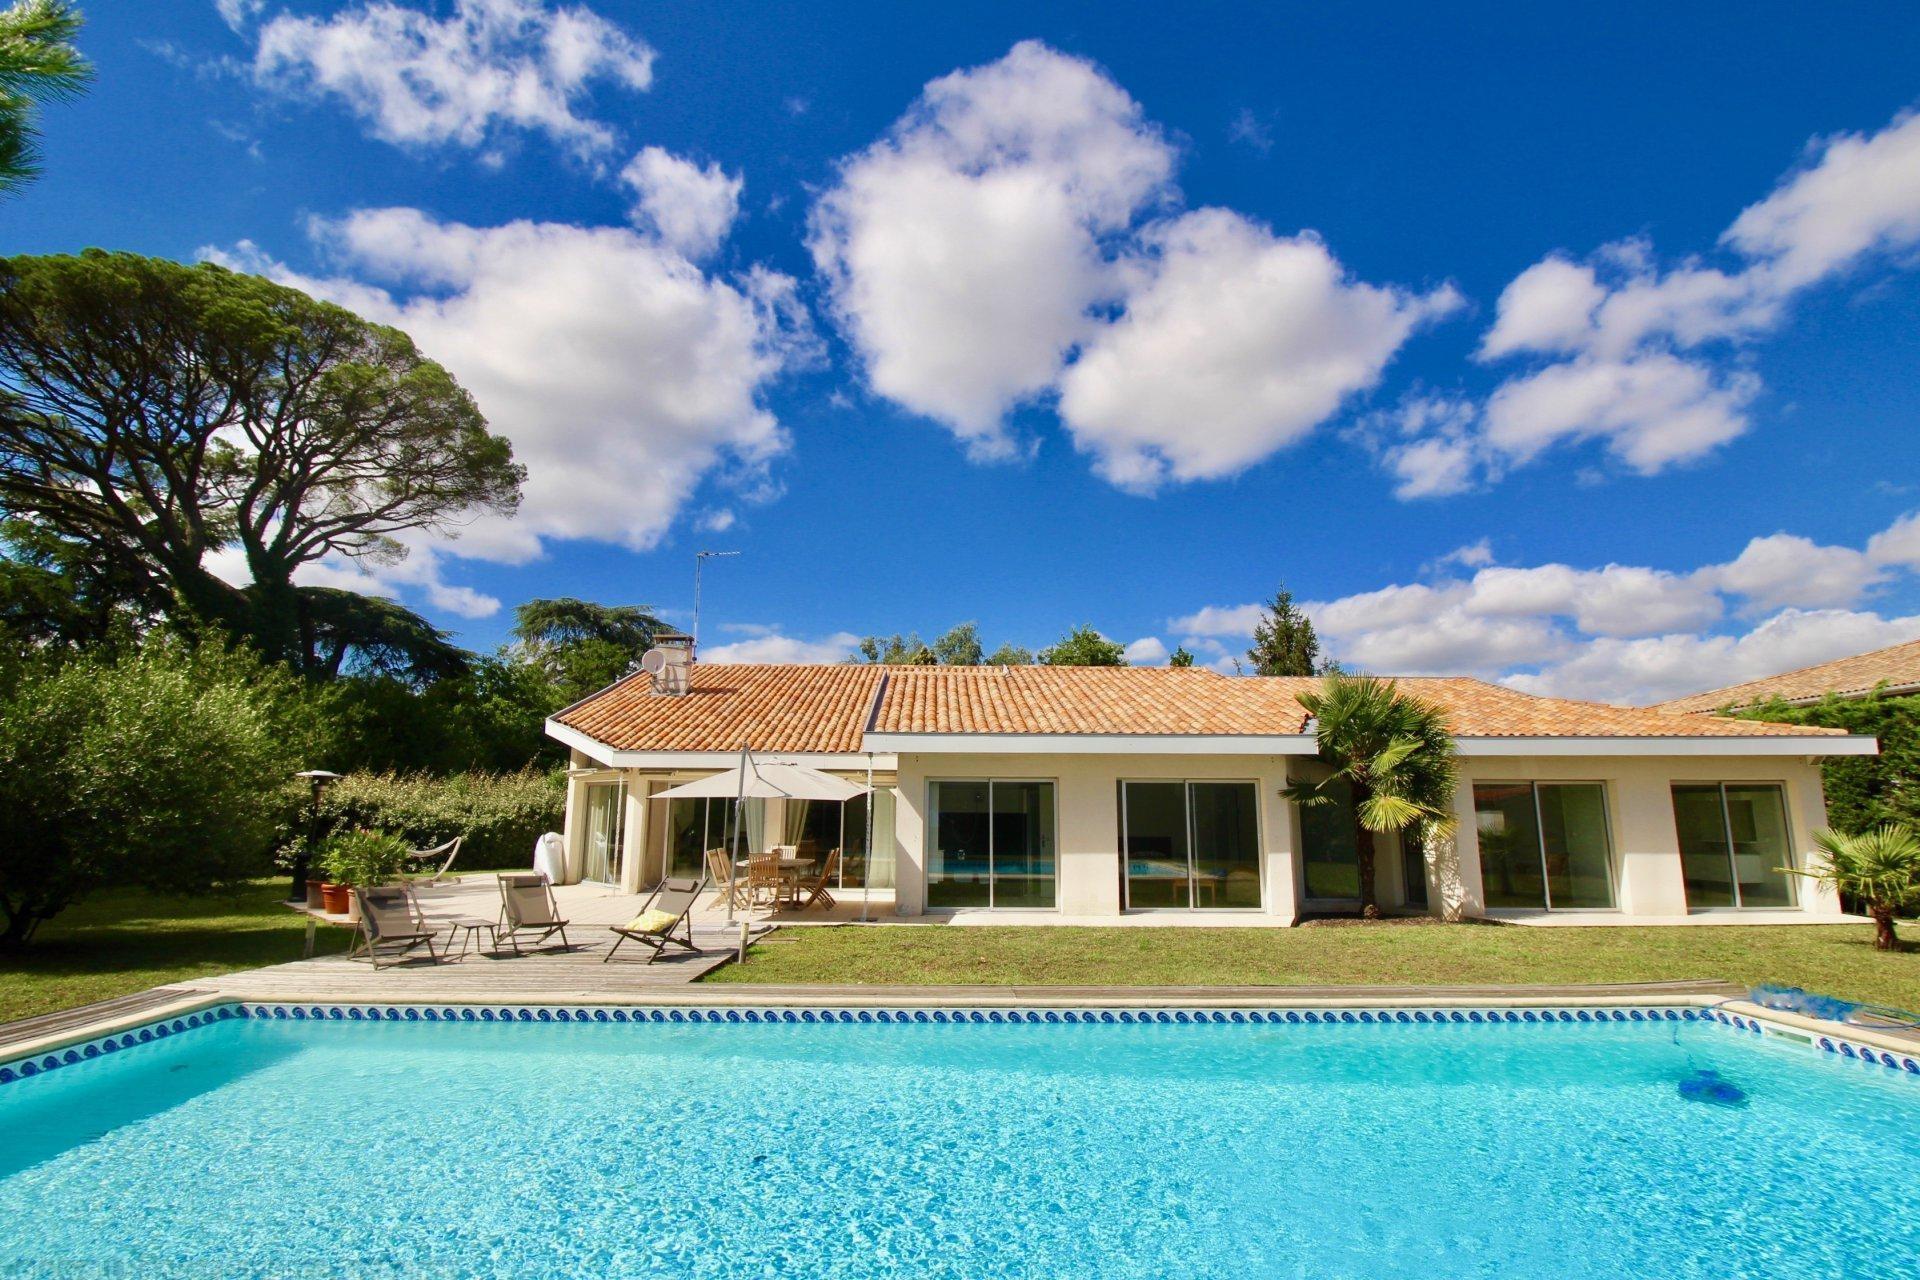 Maison plain-pied 4 chambres avec piscine a vendre proche bordeaux a merignac